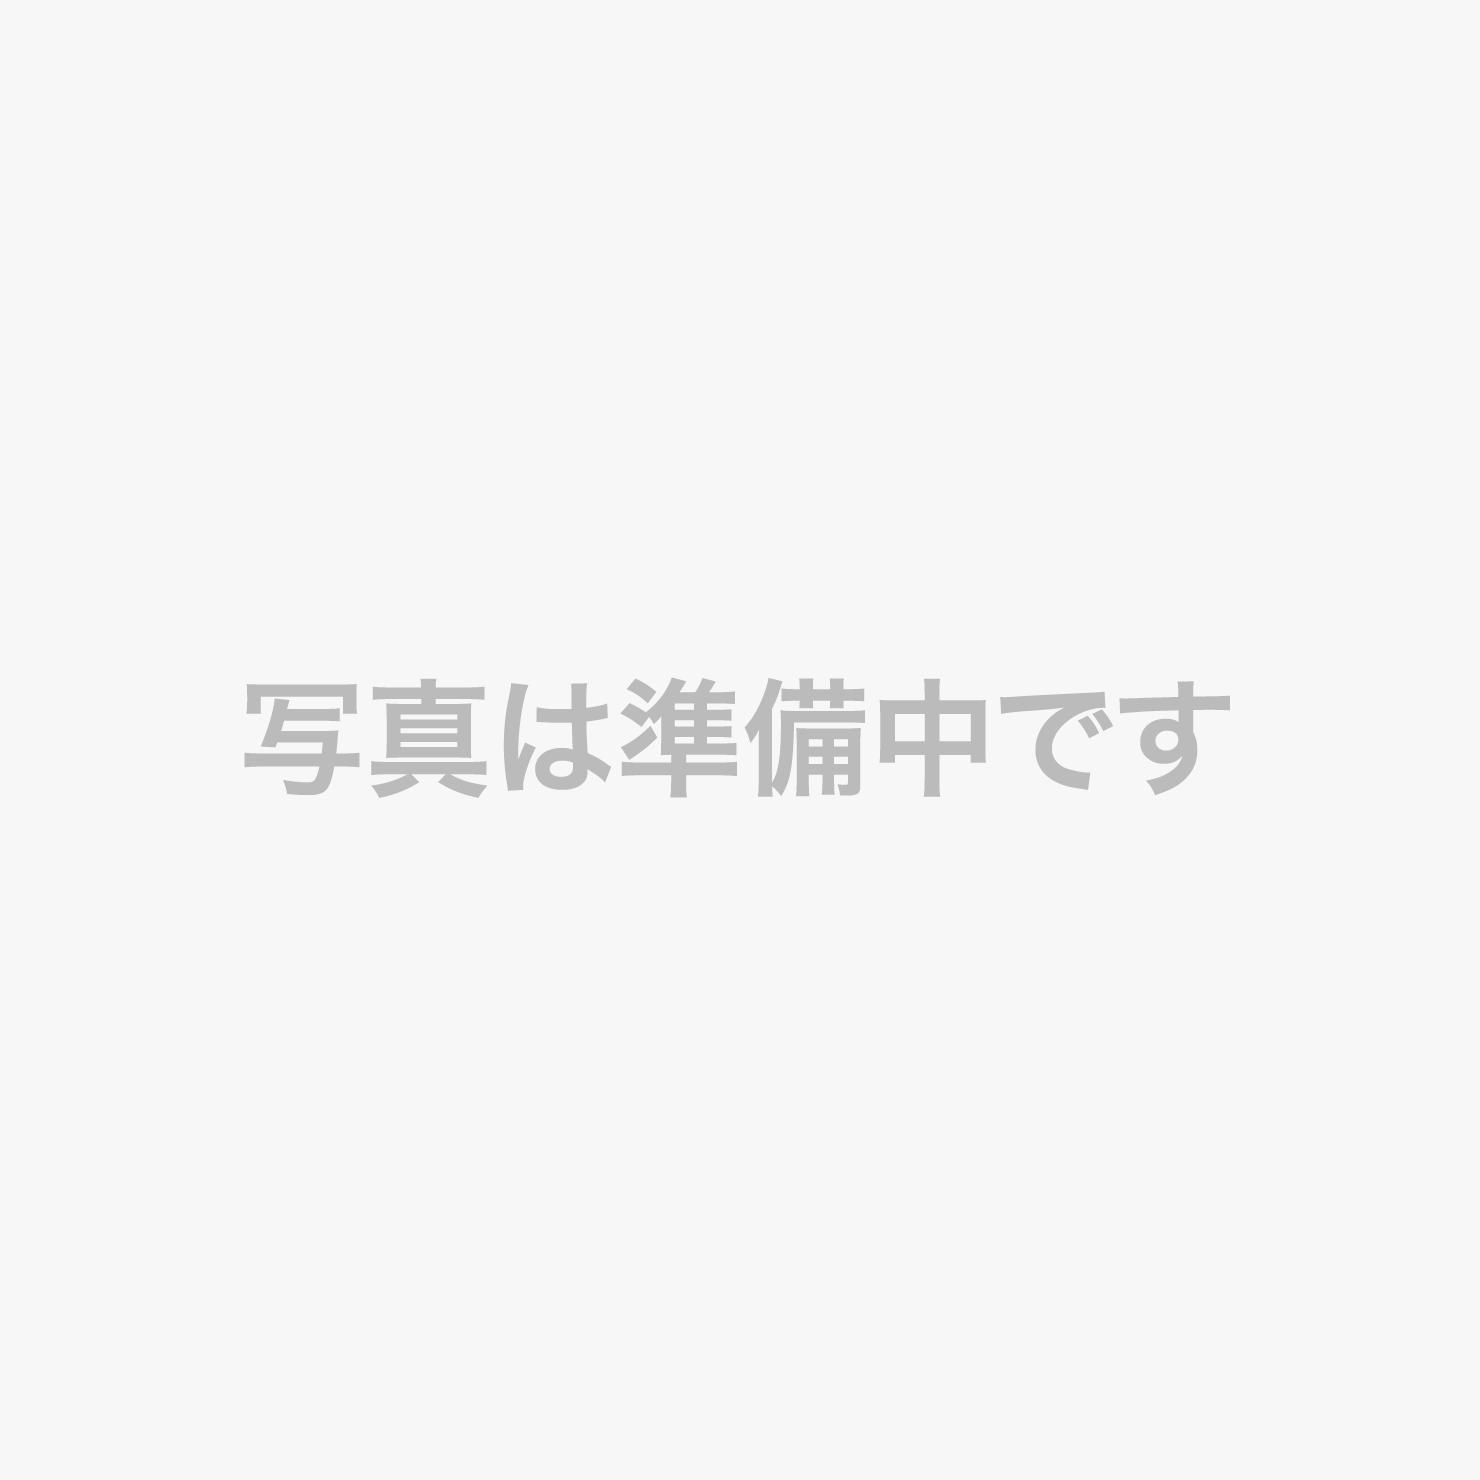 ダブル/15.4平米